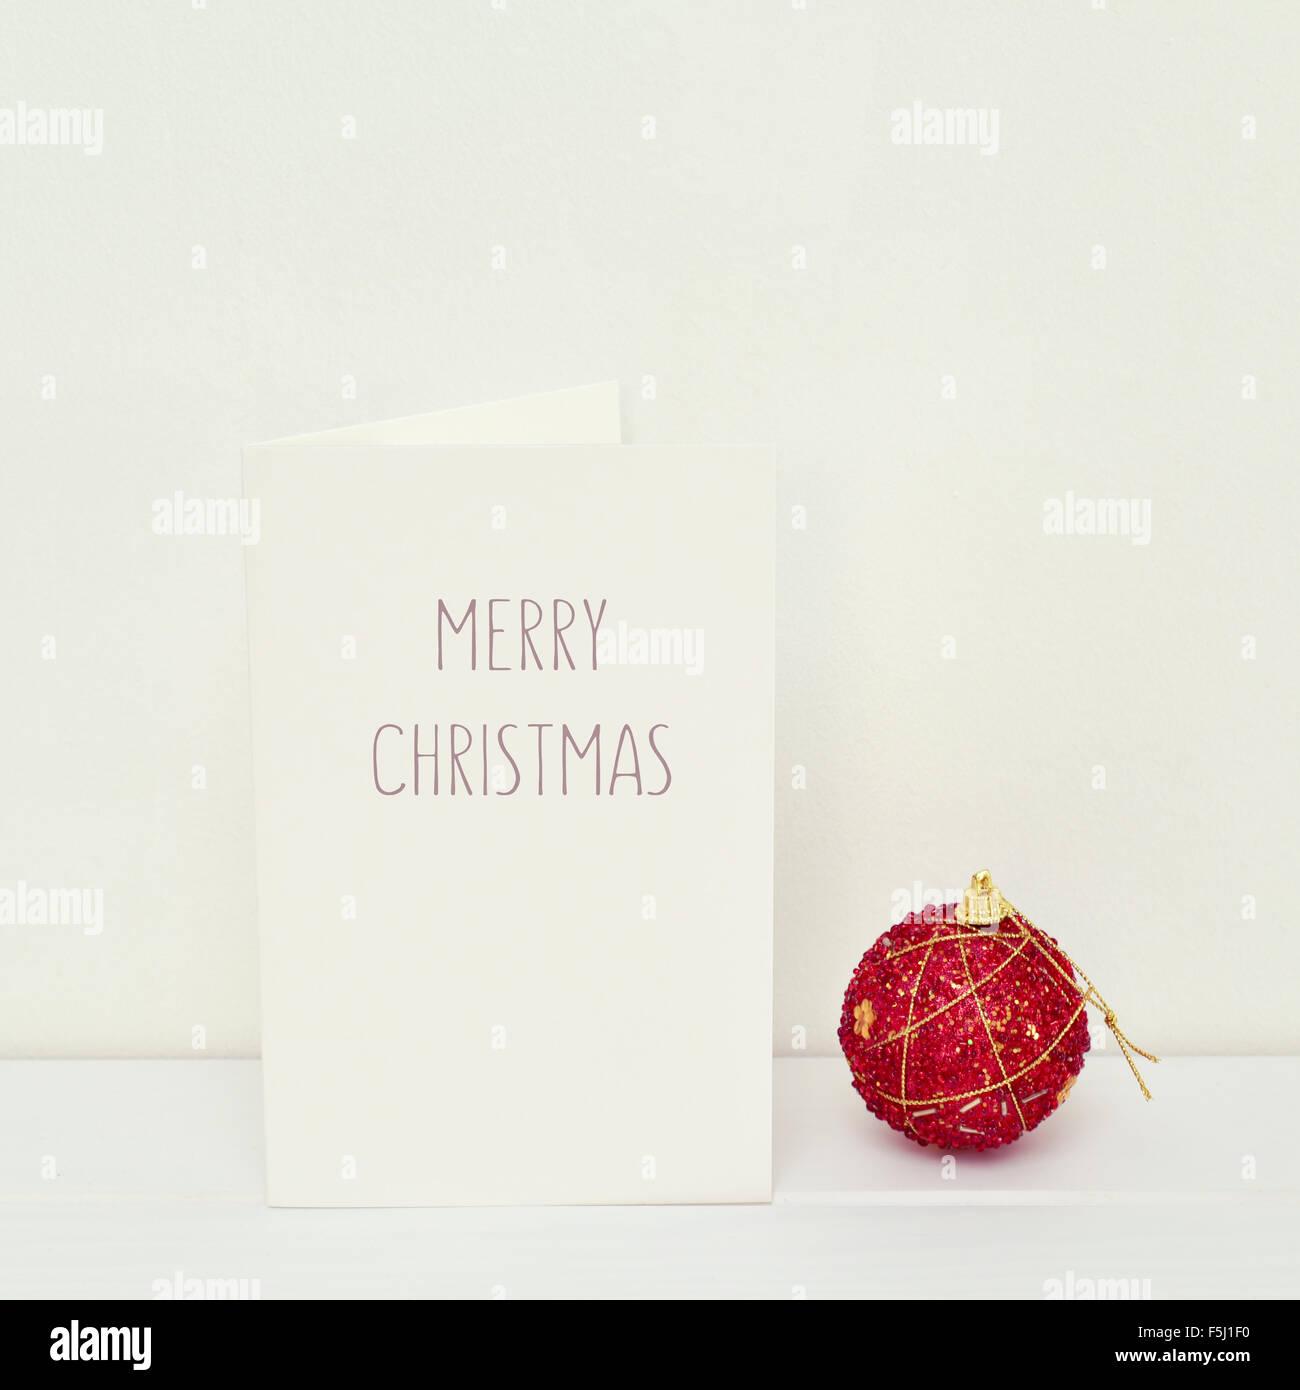 eine rote Weihnachtskugel und eine weiße Grußkarte mit dem Text Frohe Weihnachten in einer weißen Stockbild